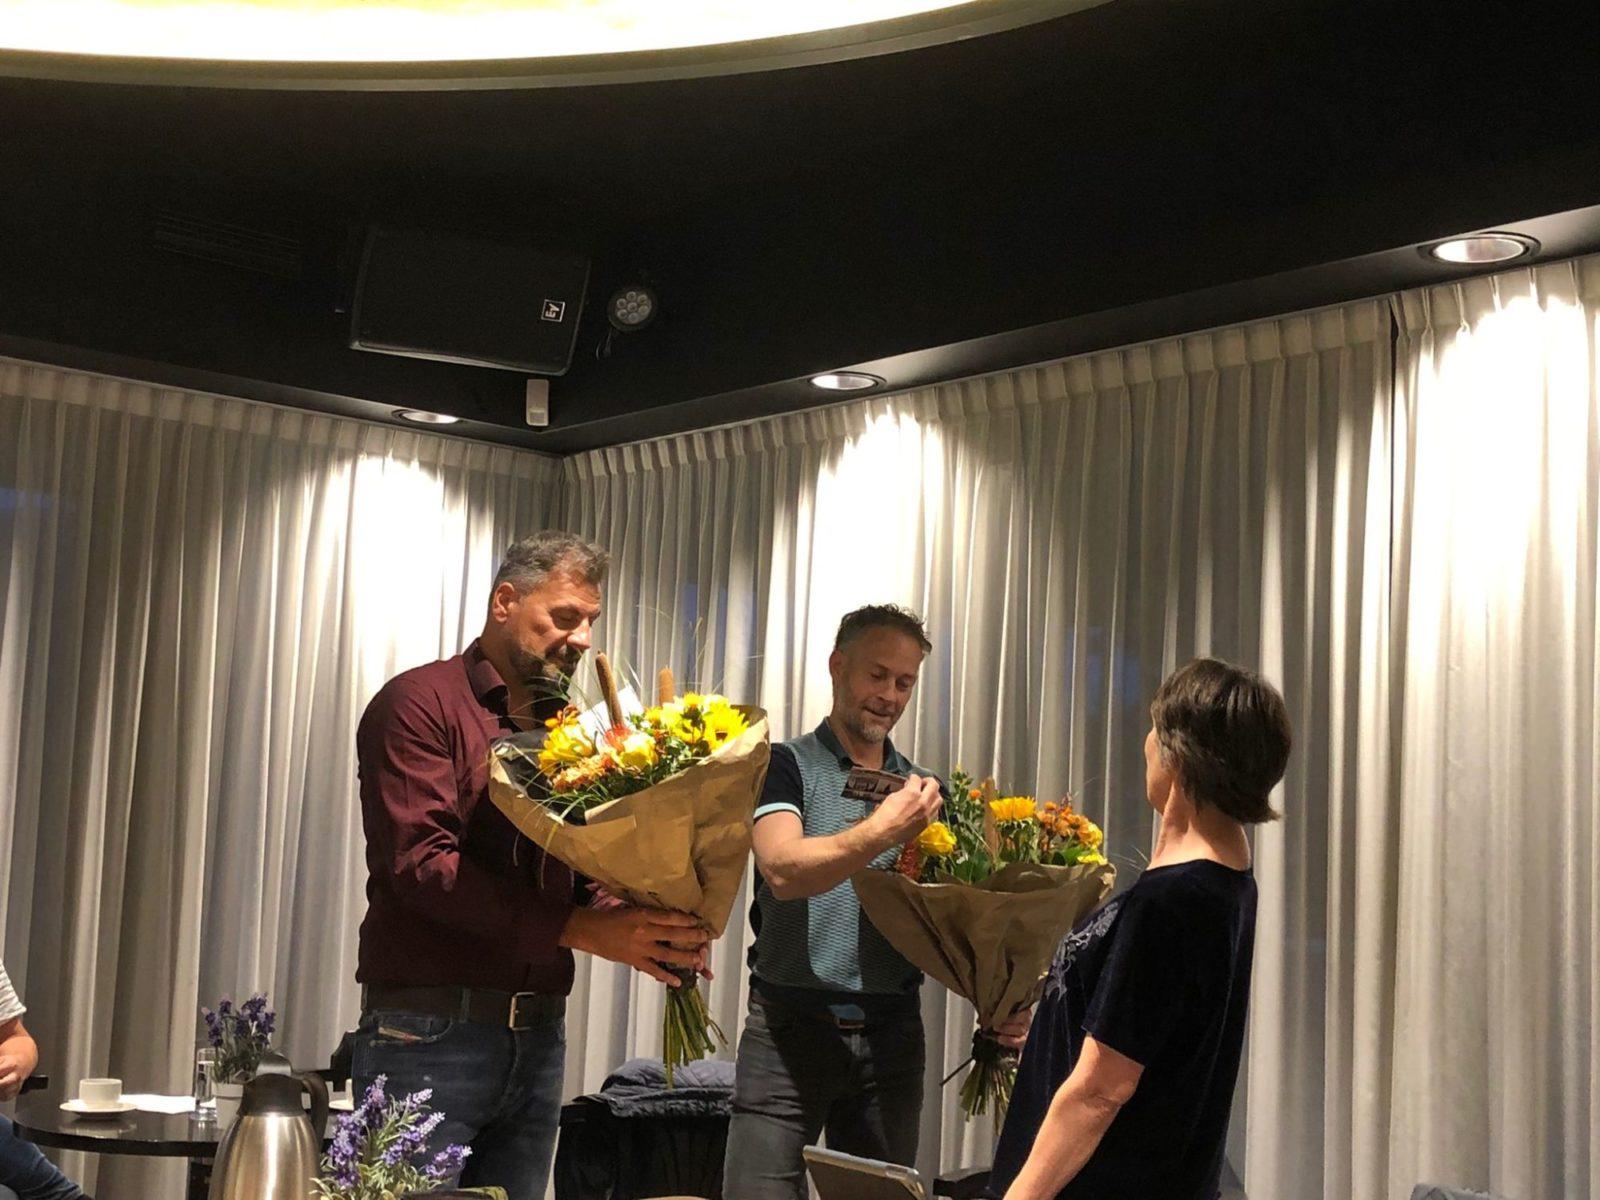 Afscheid Misja Nabben en Guido Voncken